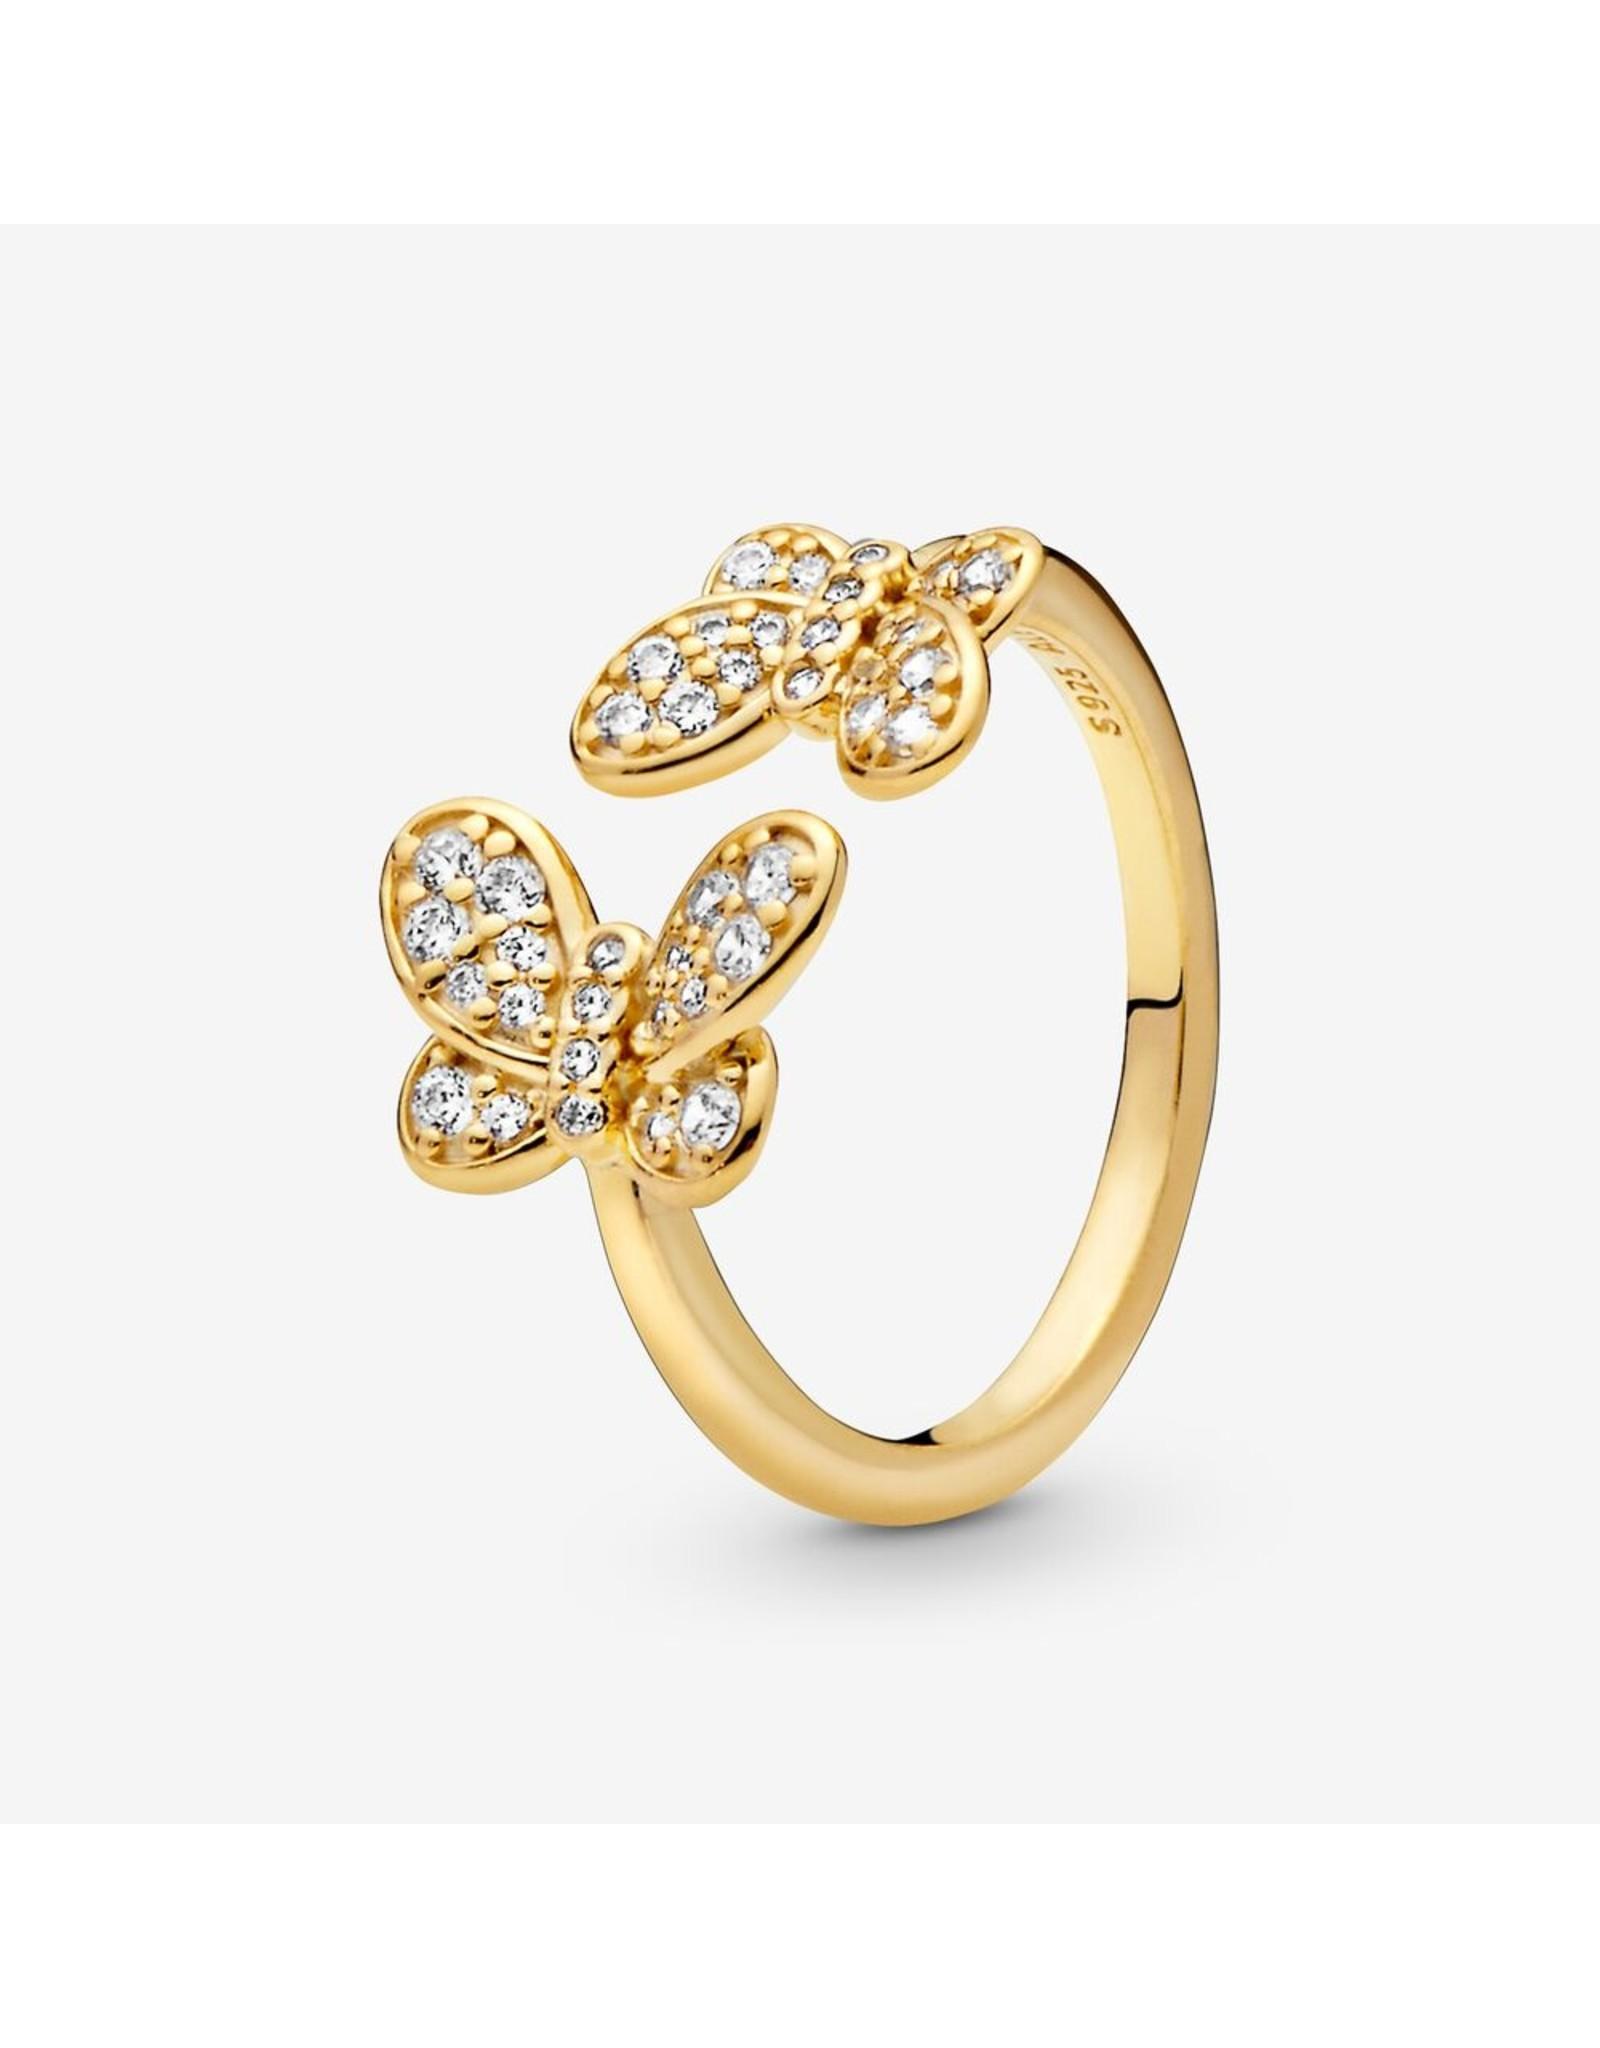 Pandora Pandora Ring, Dazzling Butterflies, Clear CZ In Shine